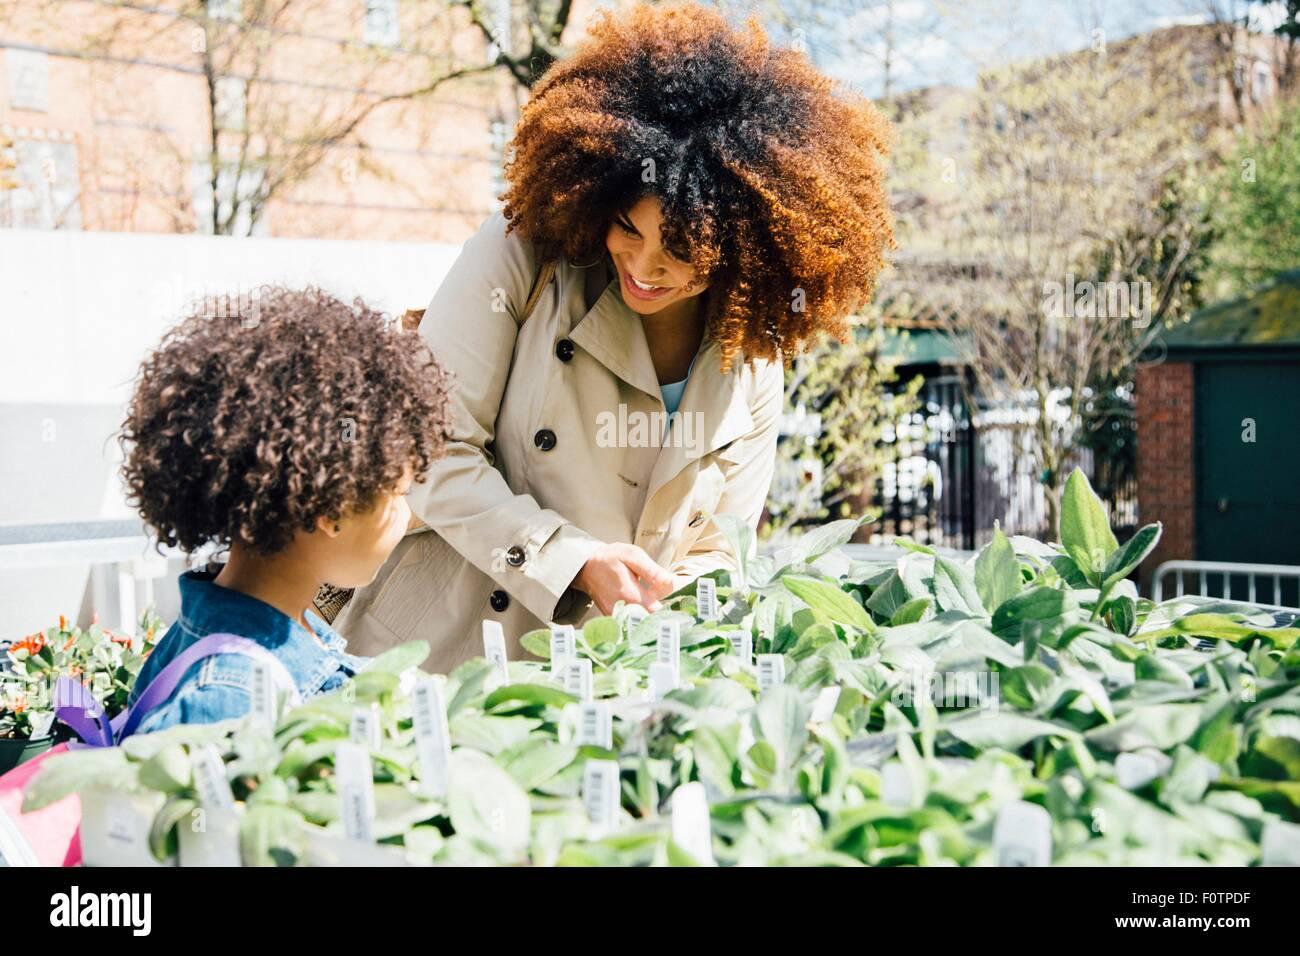 Mère et fille à la recherche de plantes pour vente Photo Stock